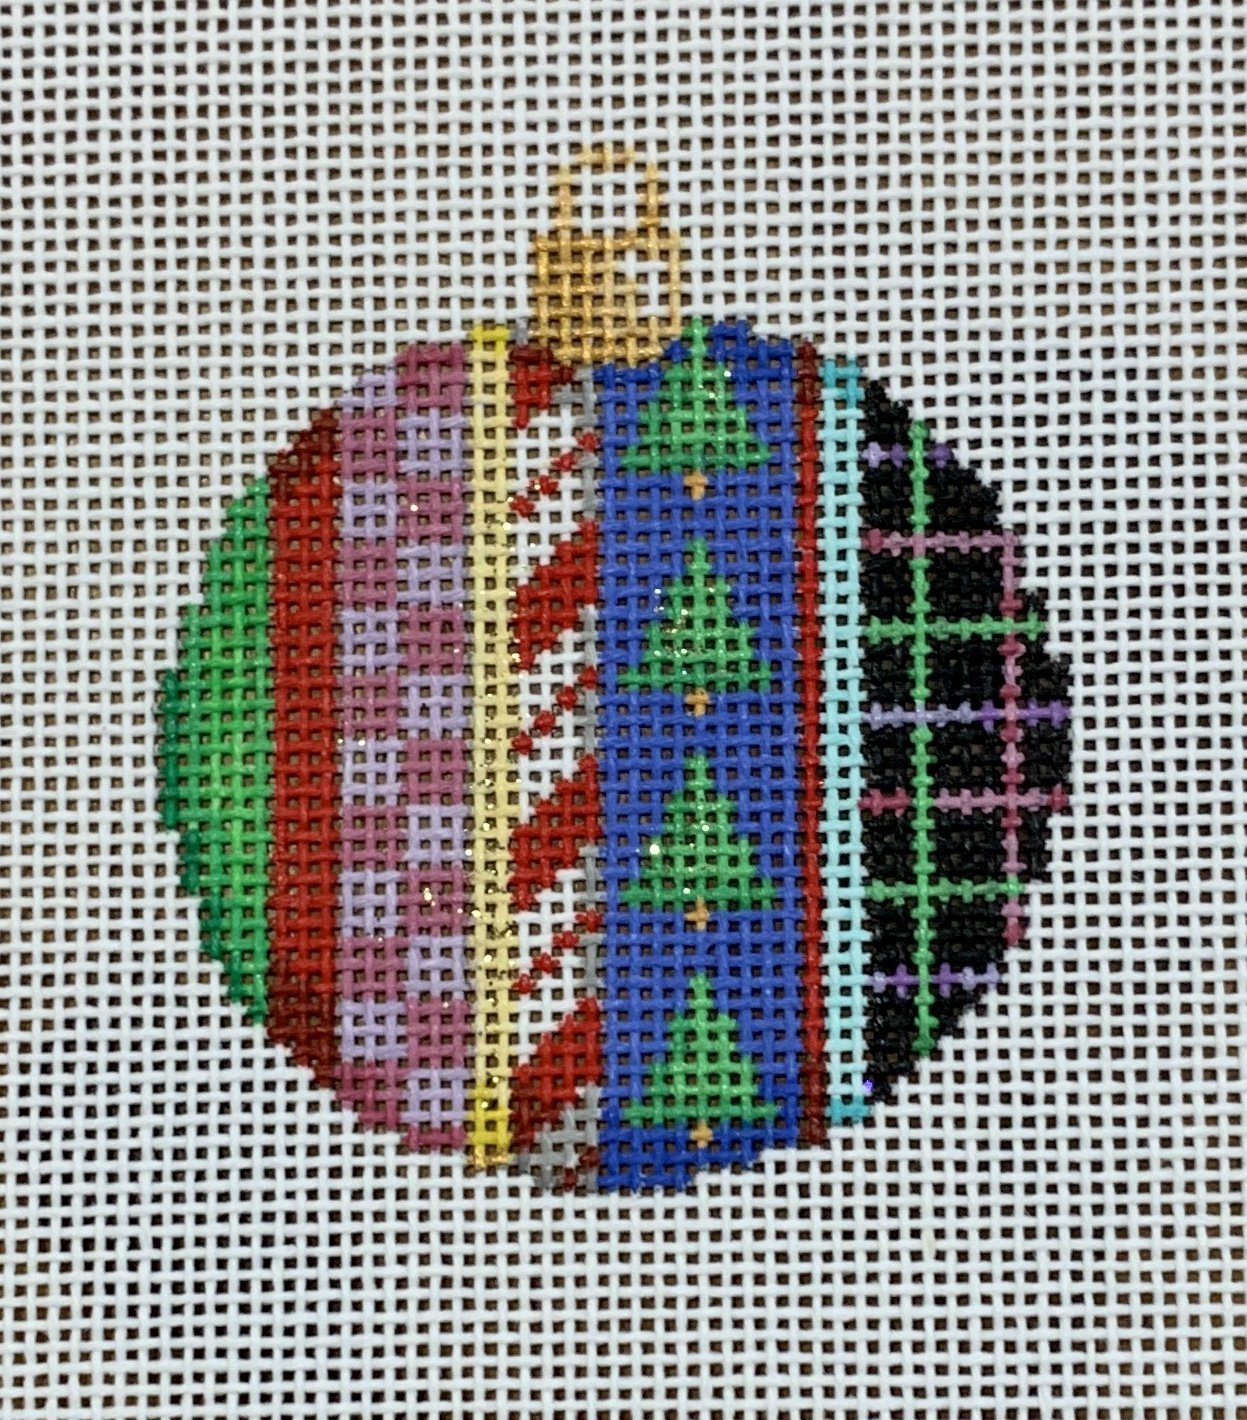 ATTSCT1491 Trees/Patterns Mini Ball  2.25x2.5  18